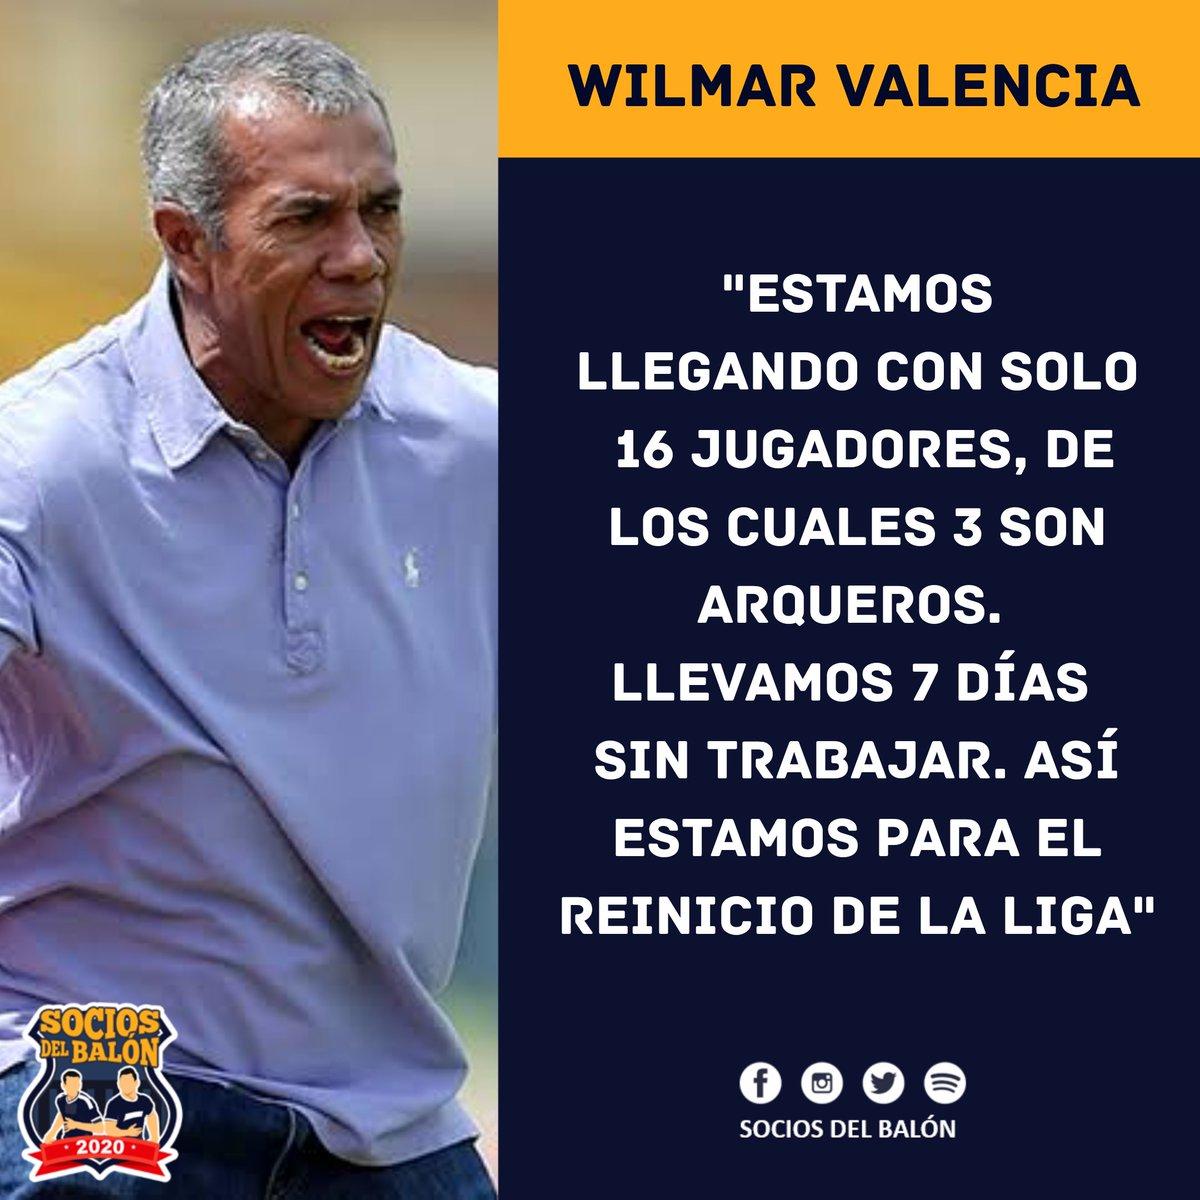 #Liga1 | ¡Incertidumbre en #SportHuancayo!. El entrenador Wilmar Valencia, declaró que su equipo no llegaría en las mejores condiciones al partido del lunes 10 de agosto ante #UTC (Estadio Miguel Grau del Callao / 1:30 p.m.).  Vía: @Barrio_Futbolpic.twitter.com/Iv5KSgF5AR